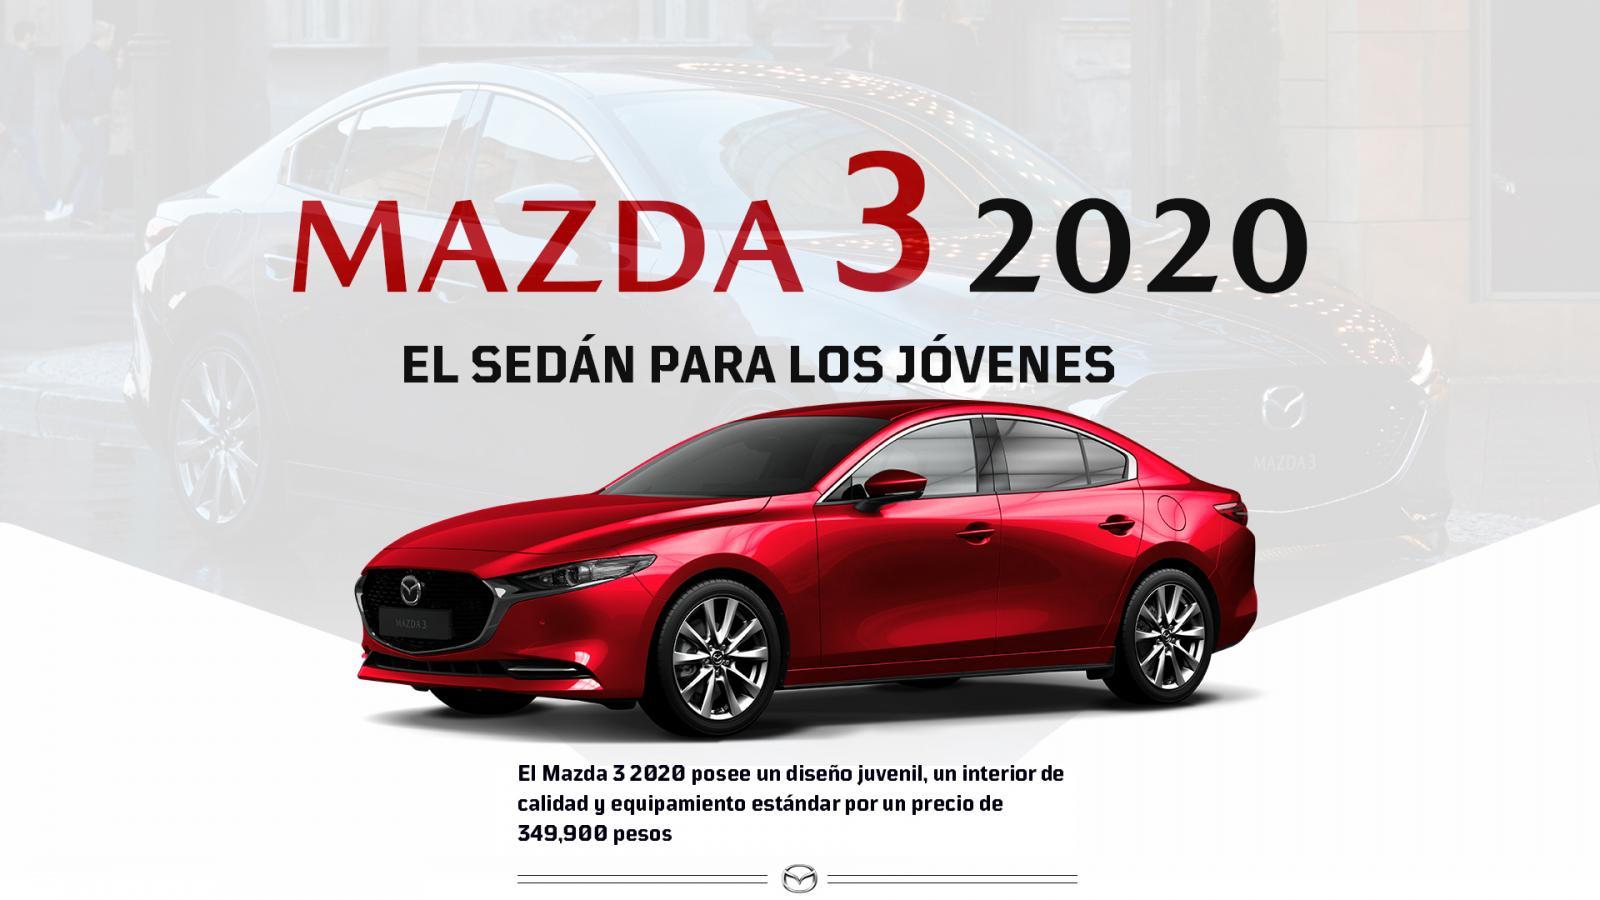 Mazda 3 Sedán 2020 resena opiniones